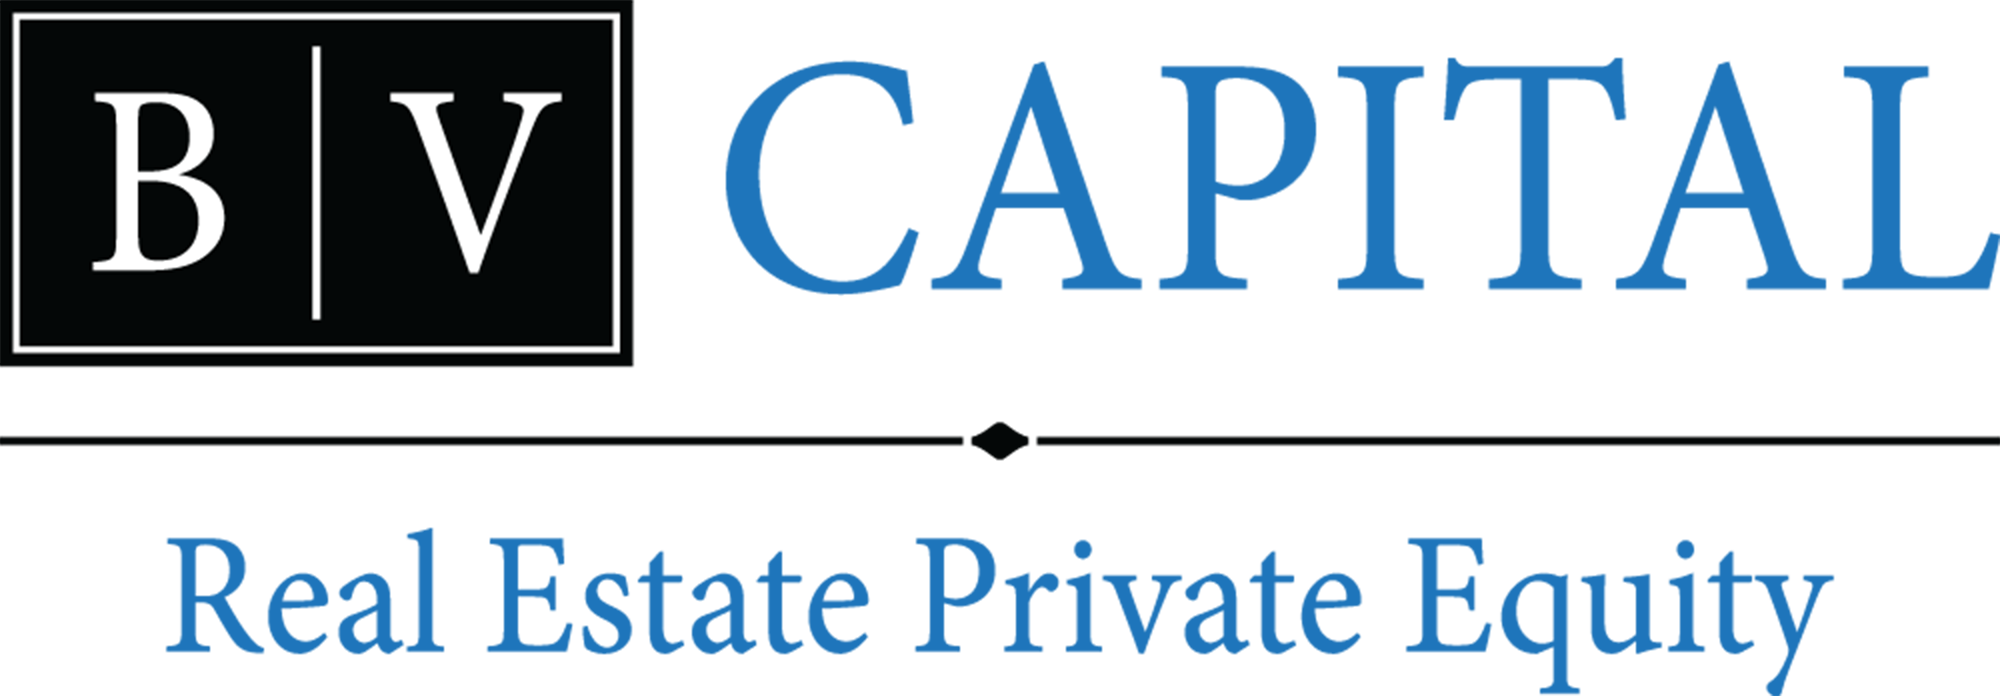 BV Capital Logo